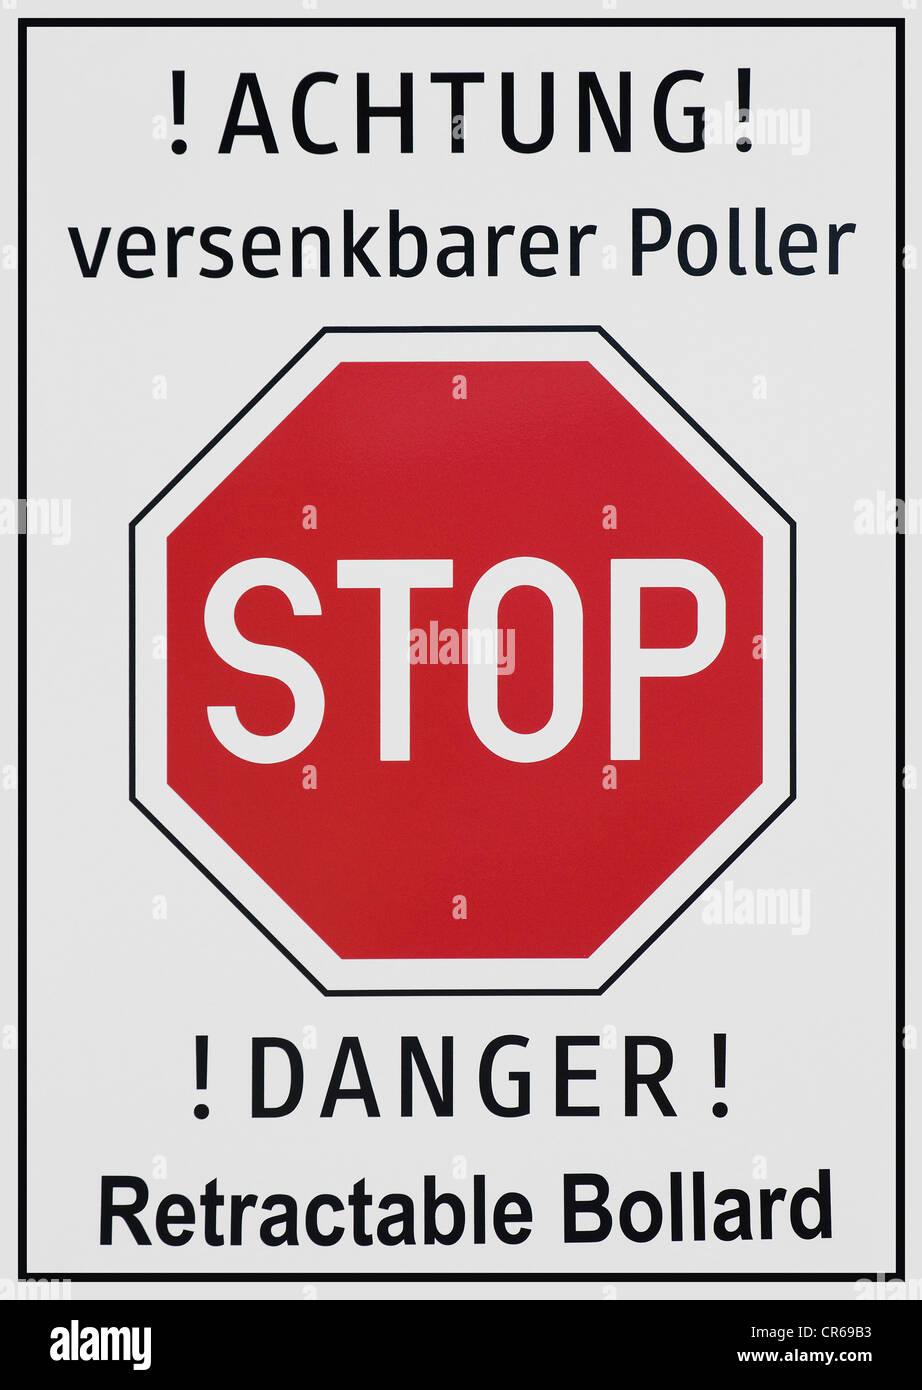 Achtung versenkbarer Poller or Danger, retractable bollard, warning sign - Stock Image